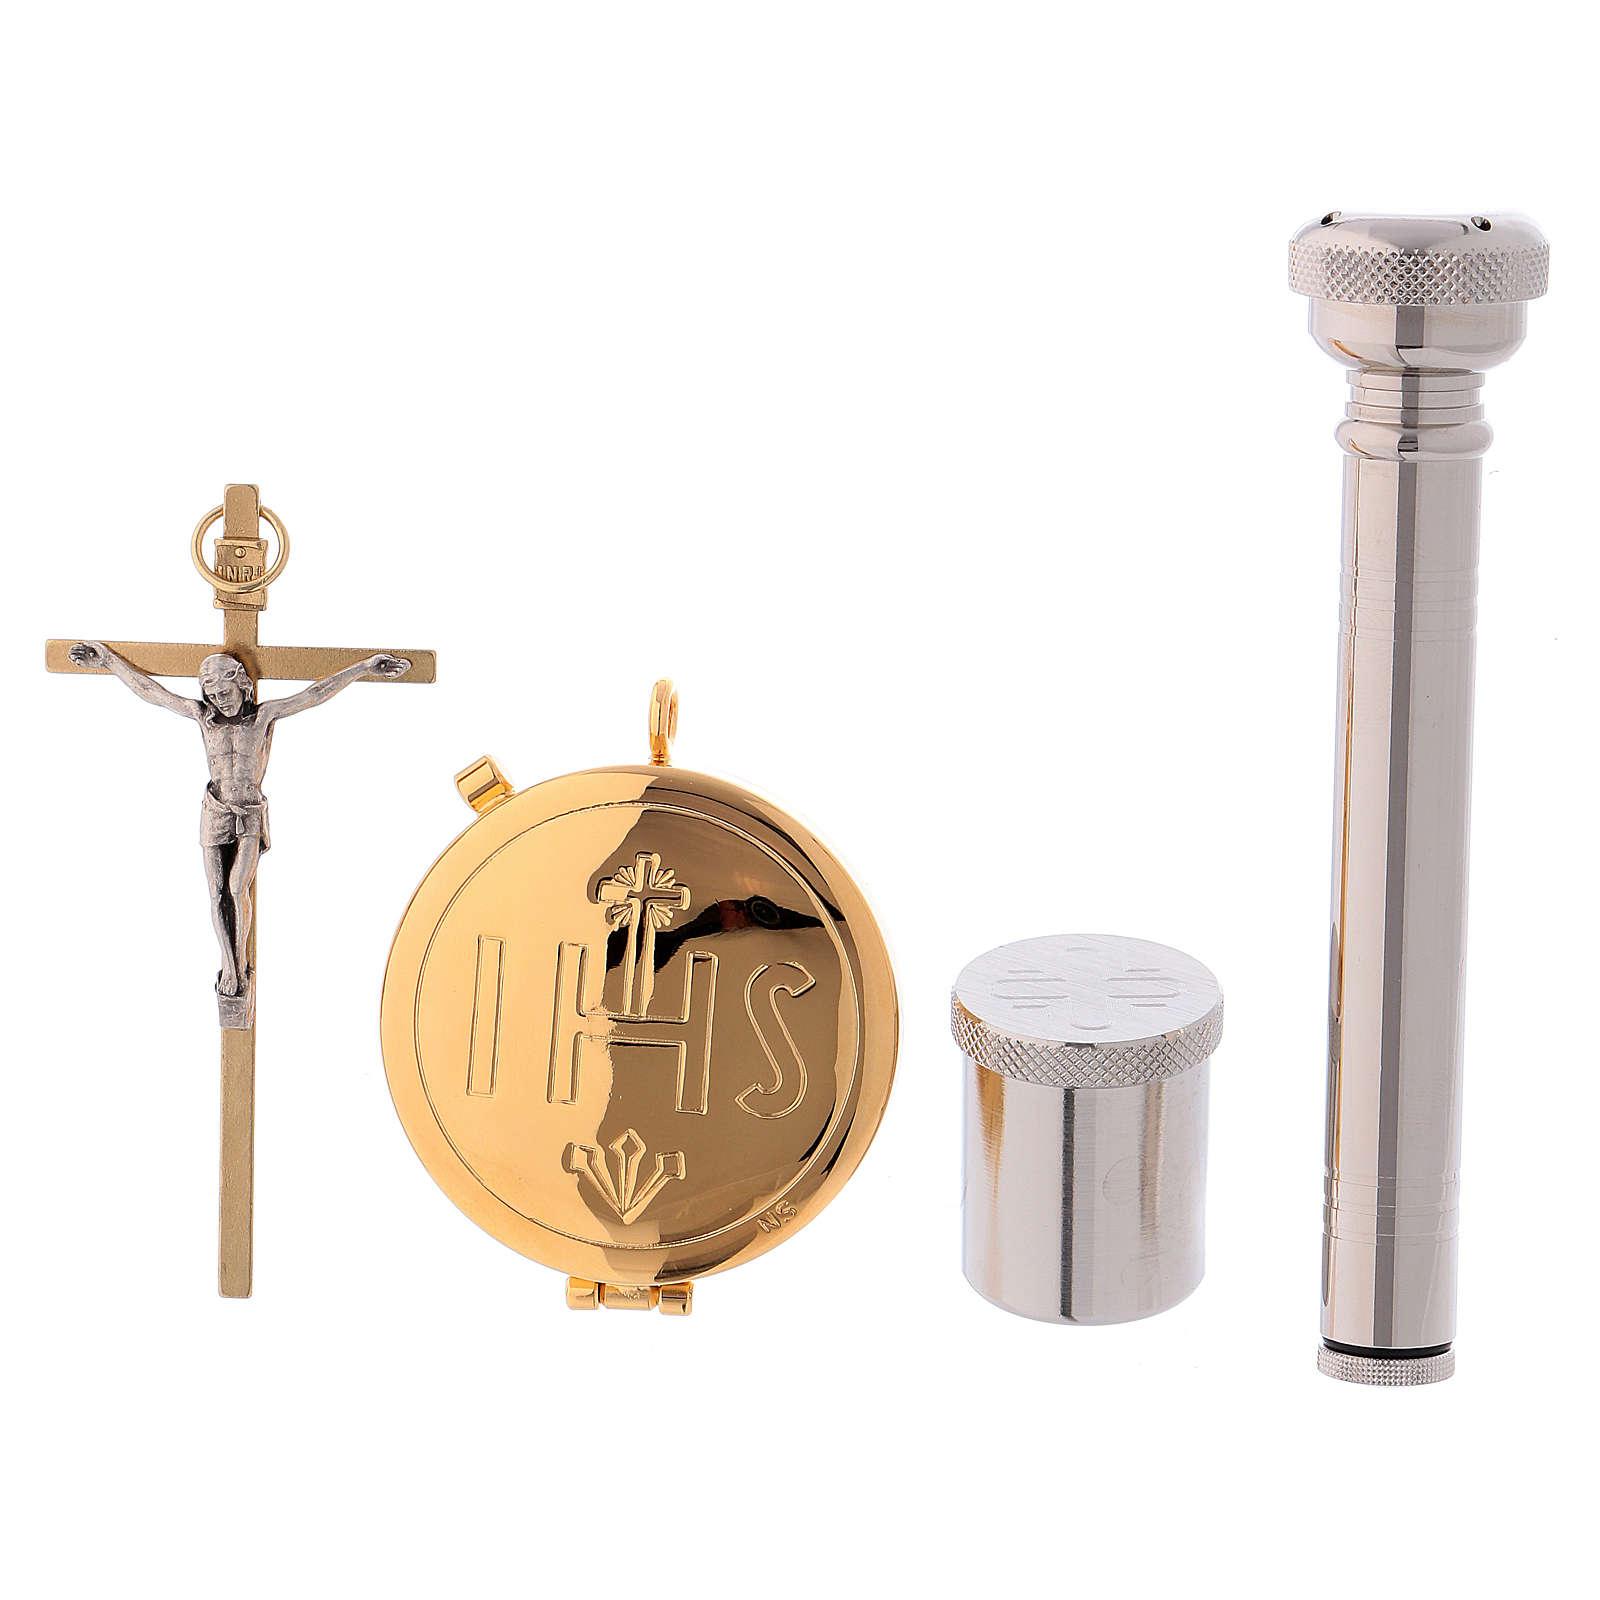 Valise-chapelle custode à hosties cuir noir et satin avec accessoires 3